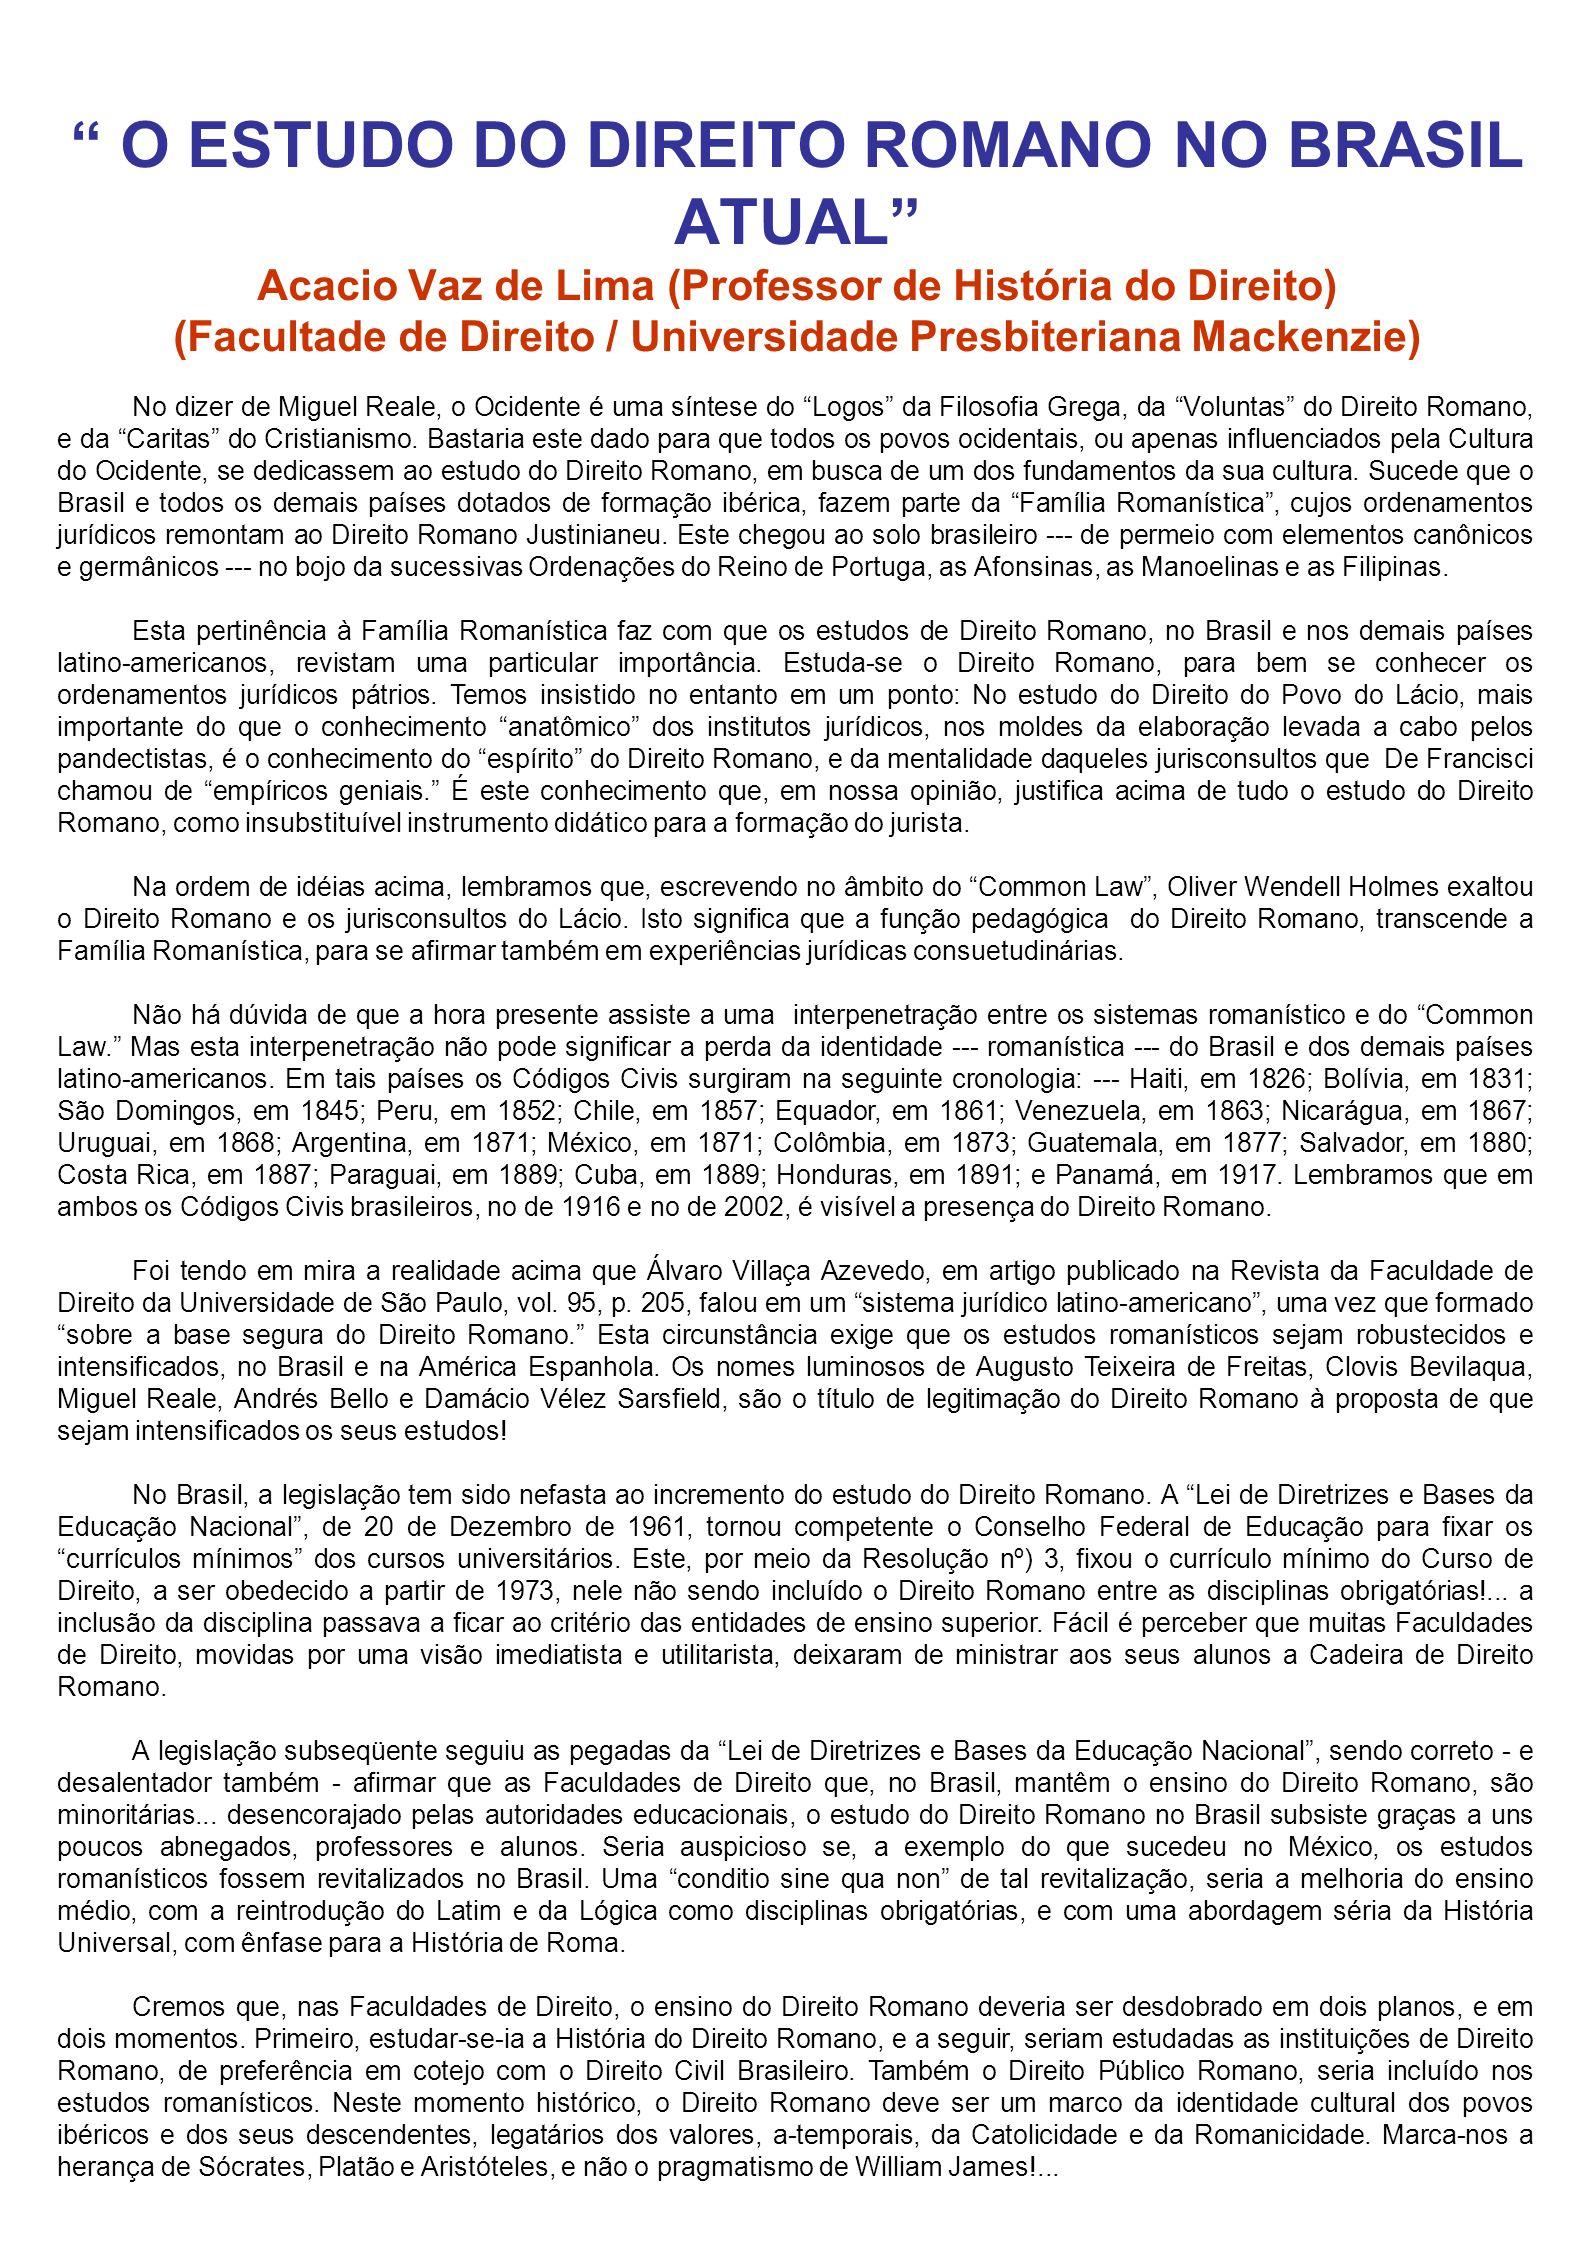 O ESTUDO DO DIREITO ROMANO NO BRASIL ATUAL Acacio Vaz de Lima (Professor de História do Direito) (Facultade de Direito / Universidade Presbiteriana Ma